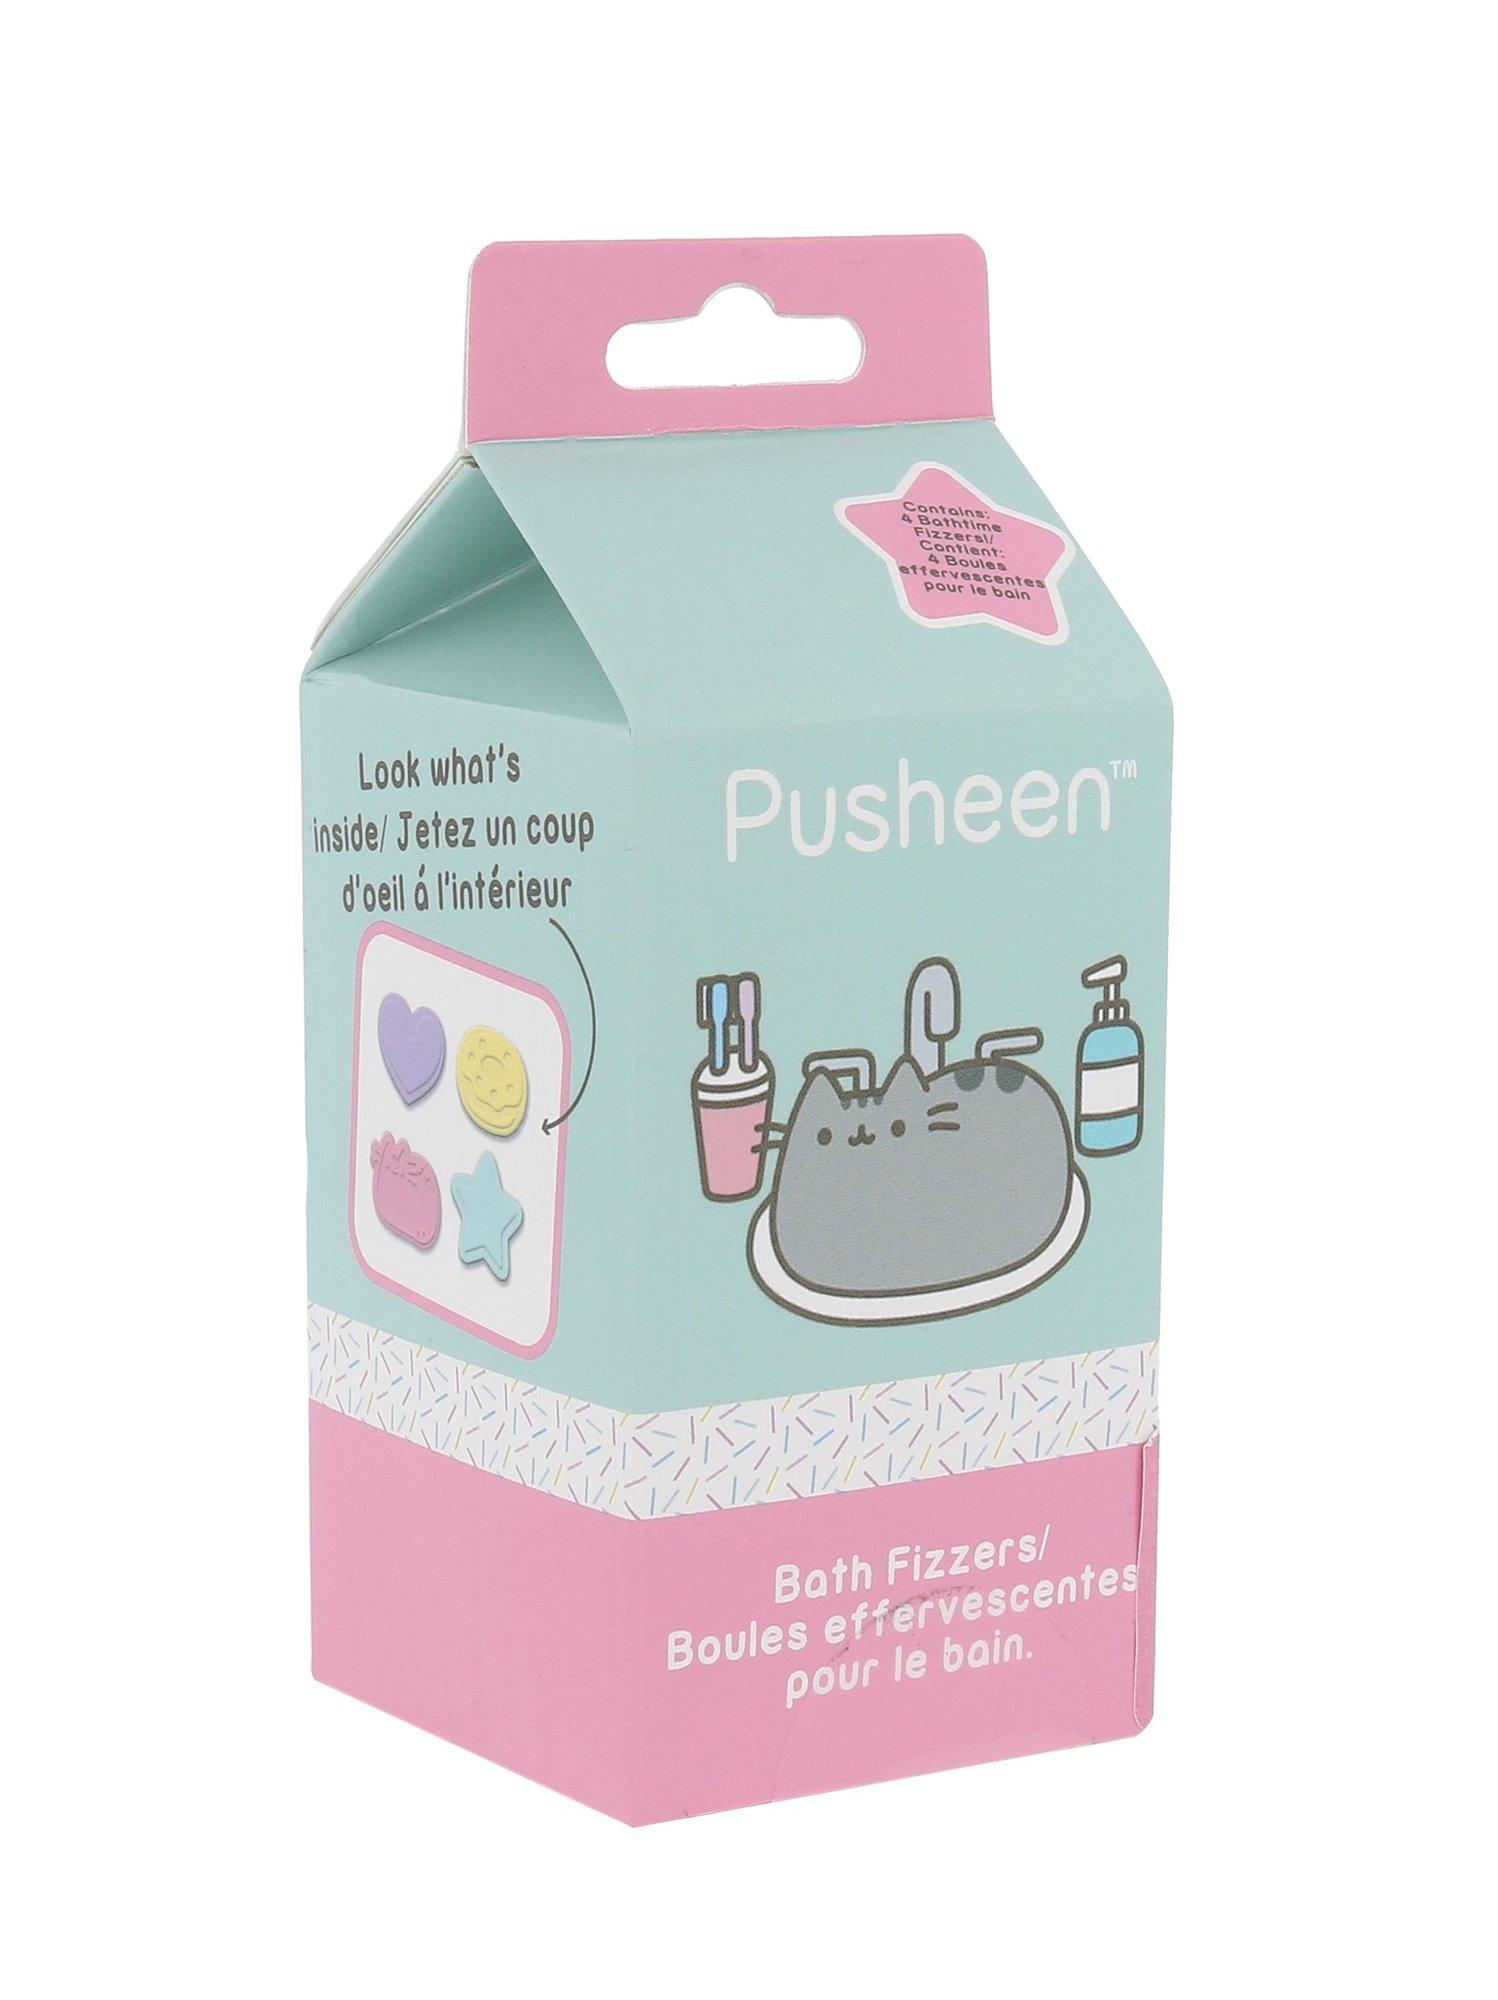 Pusheen Bath Fizzers Cosmetic 15gml